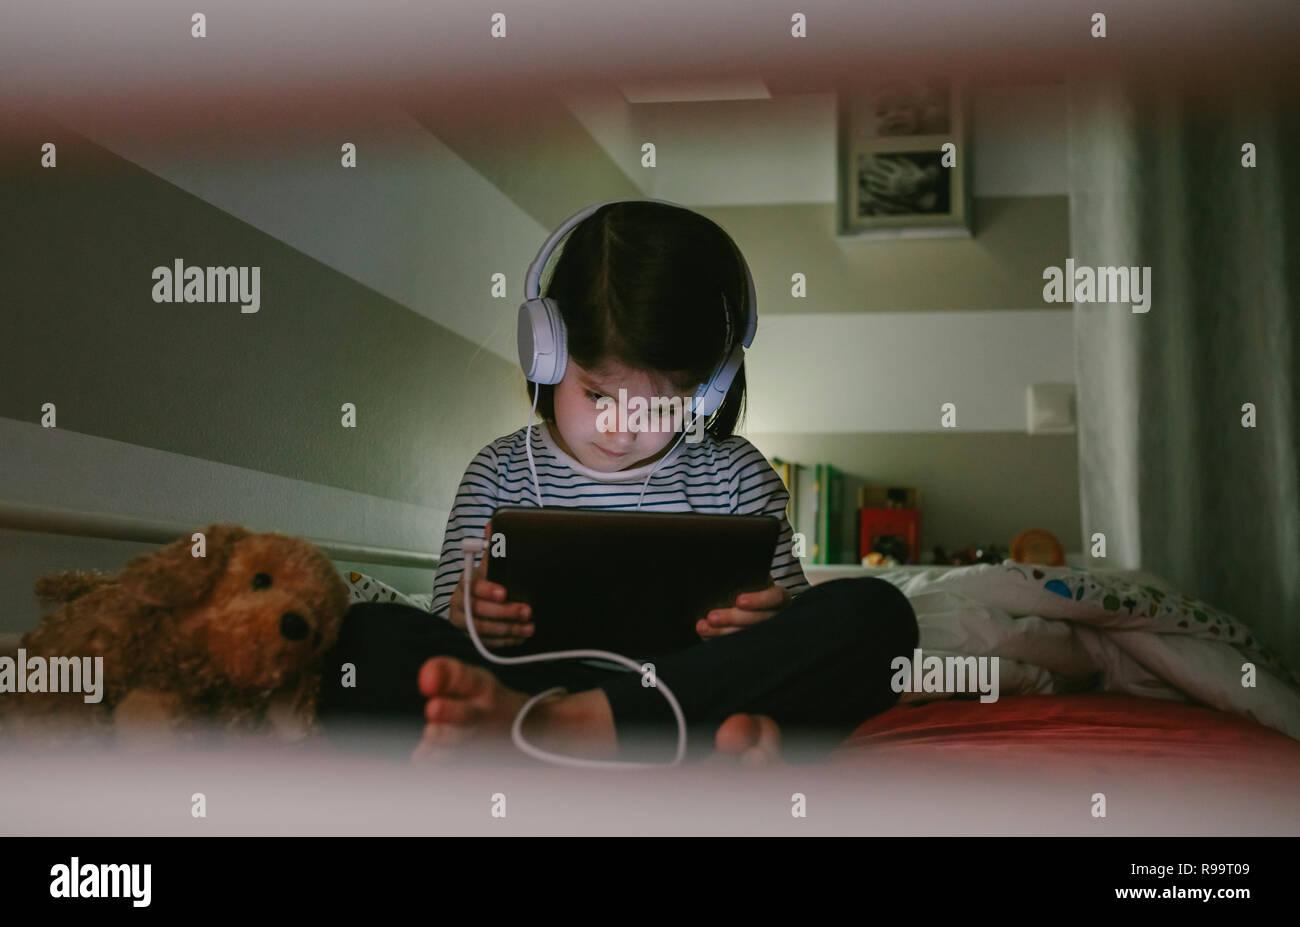 Kleines Mädchen mit Kopfhörer auf dem Tablett, auf dem Bett zu sitzen in der Nacht Stockbild